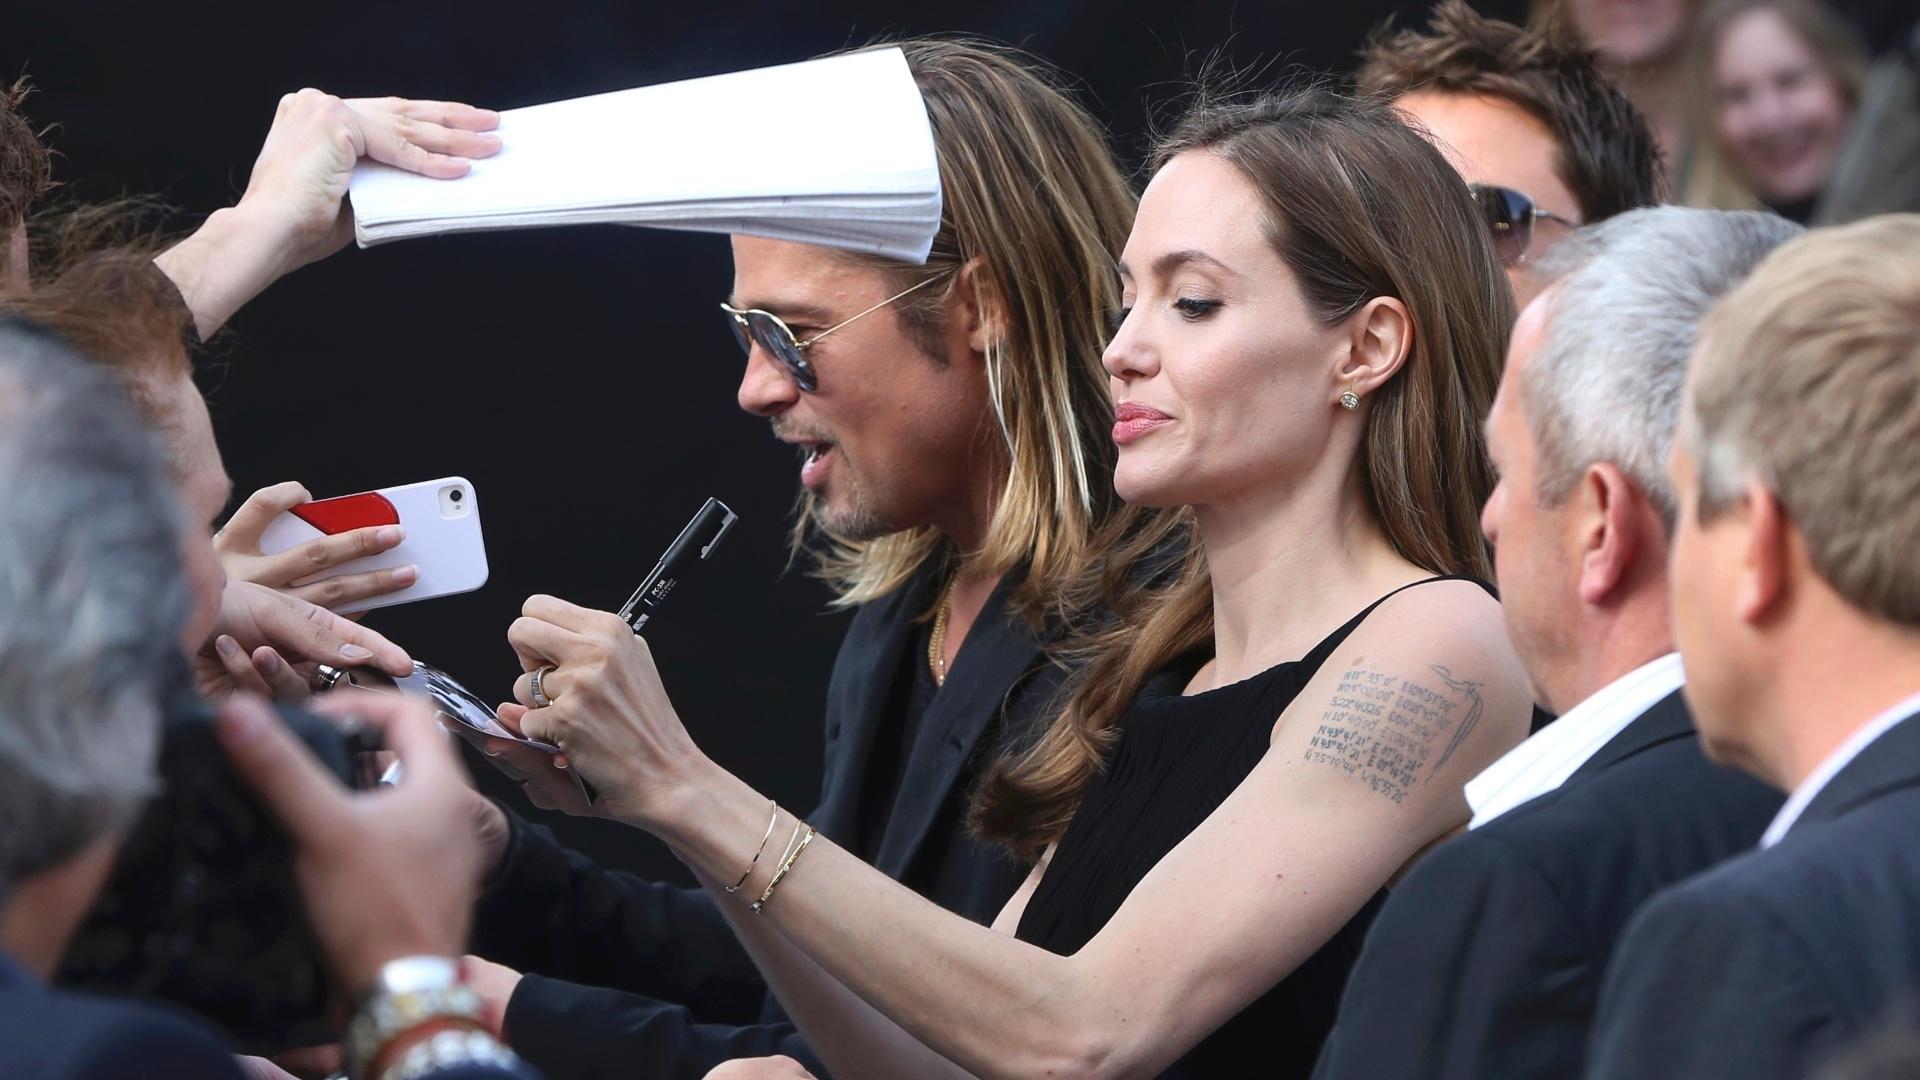 2.jun.2013 - Angelina Jolie distribui autóigrafos na pré-estreia do novo filme de Brad Pitt